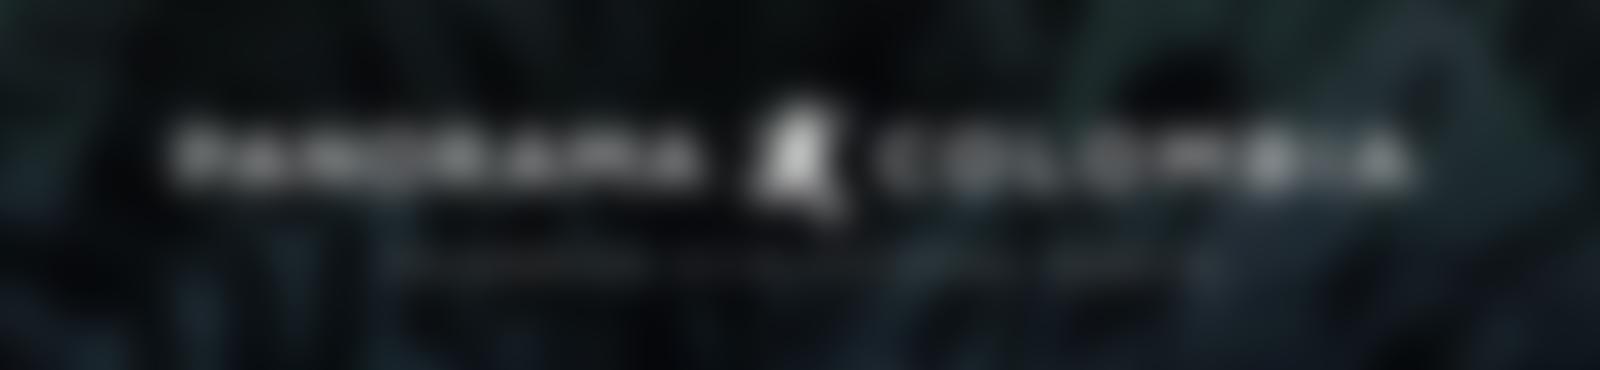 Blurred 896e4d84 3dd3 47bc a323 944f6e006806